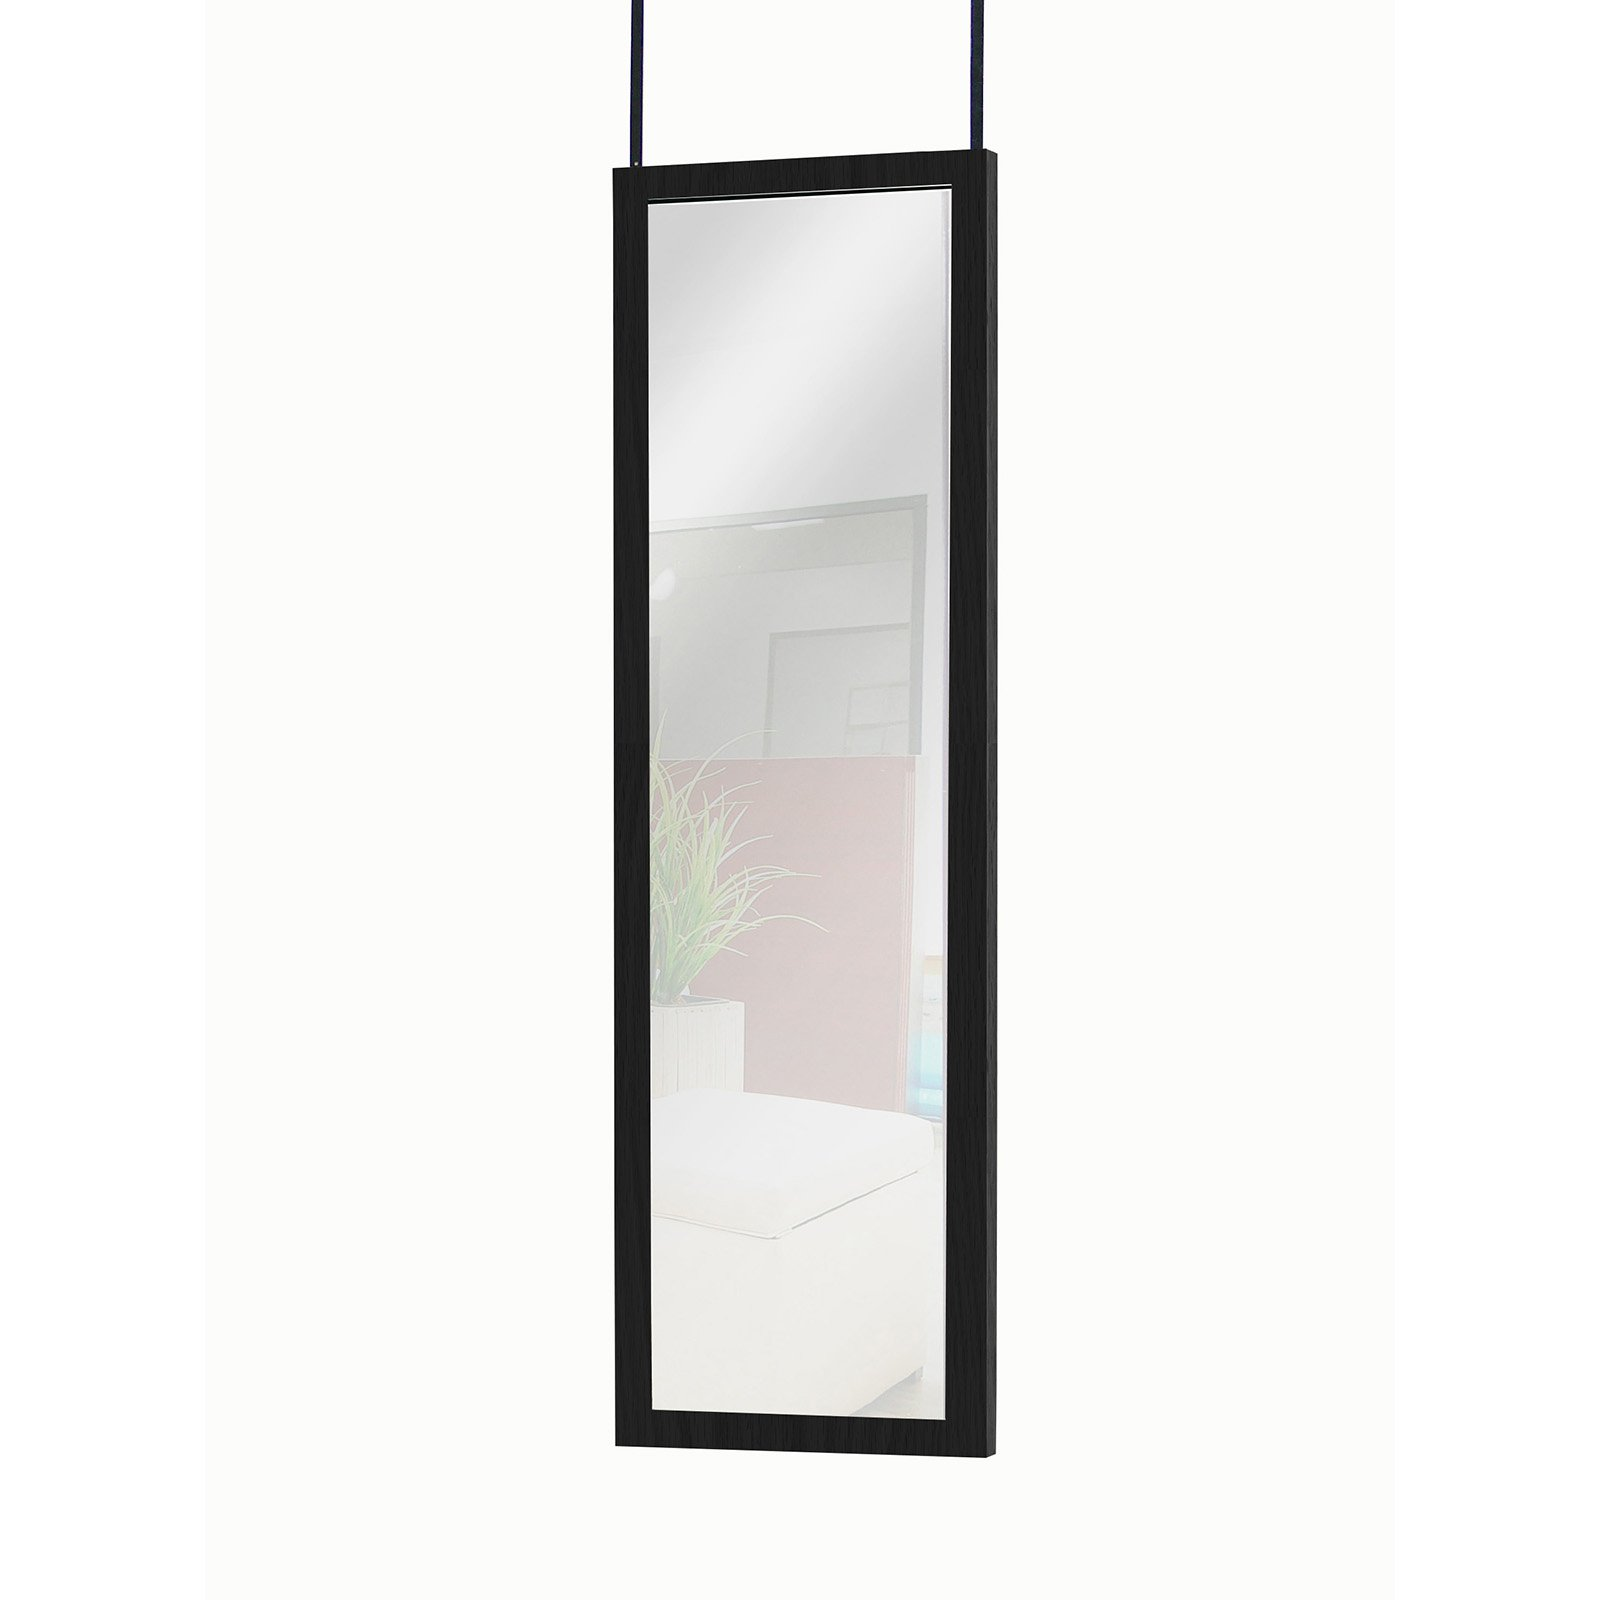 Over The Door Mirrors Mainstays Over The Door Mirror Walmartcom